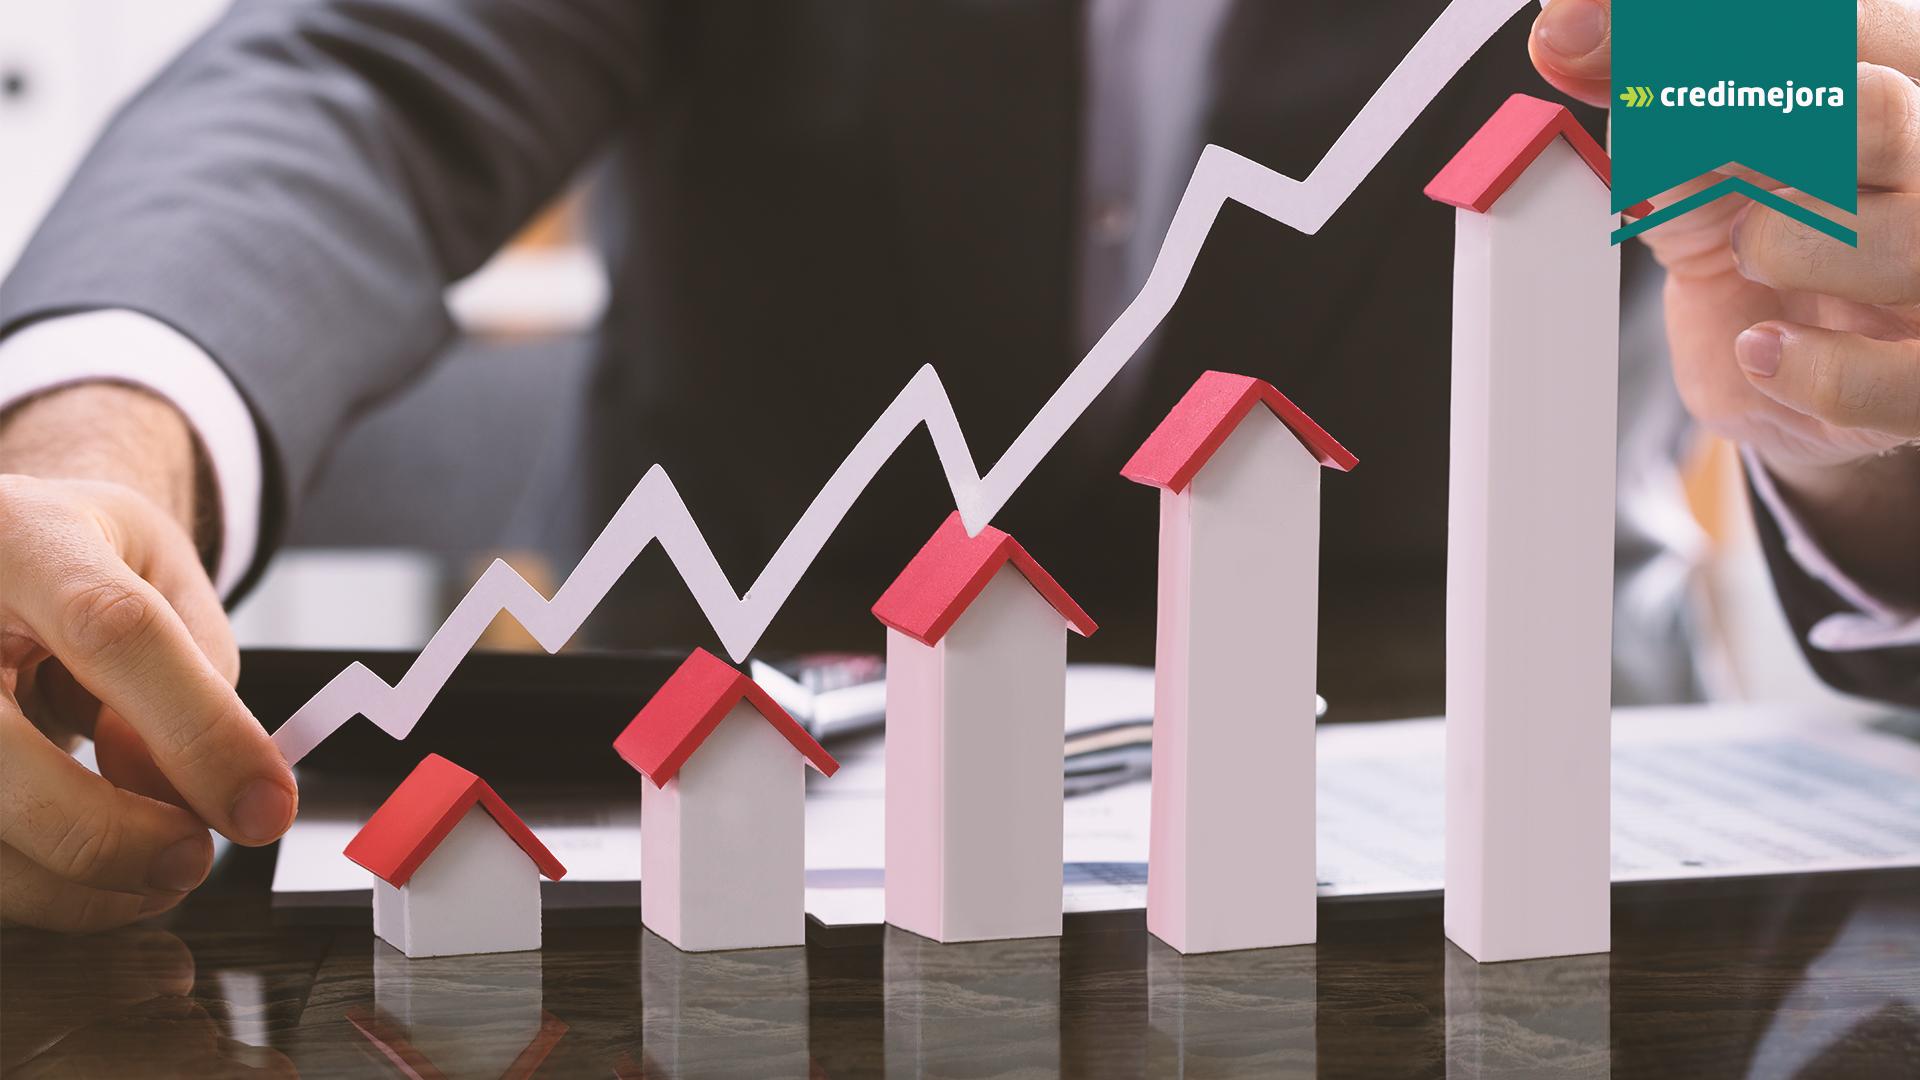 Crecimiento del sector inmobiliario en México | Credimejora